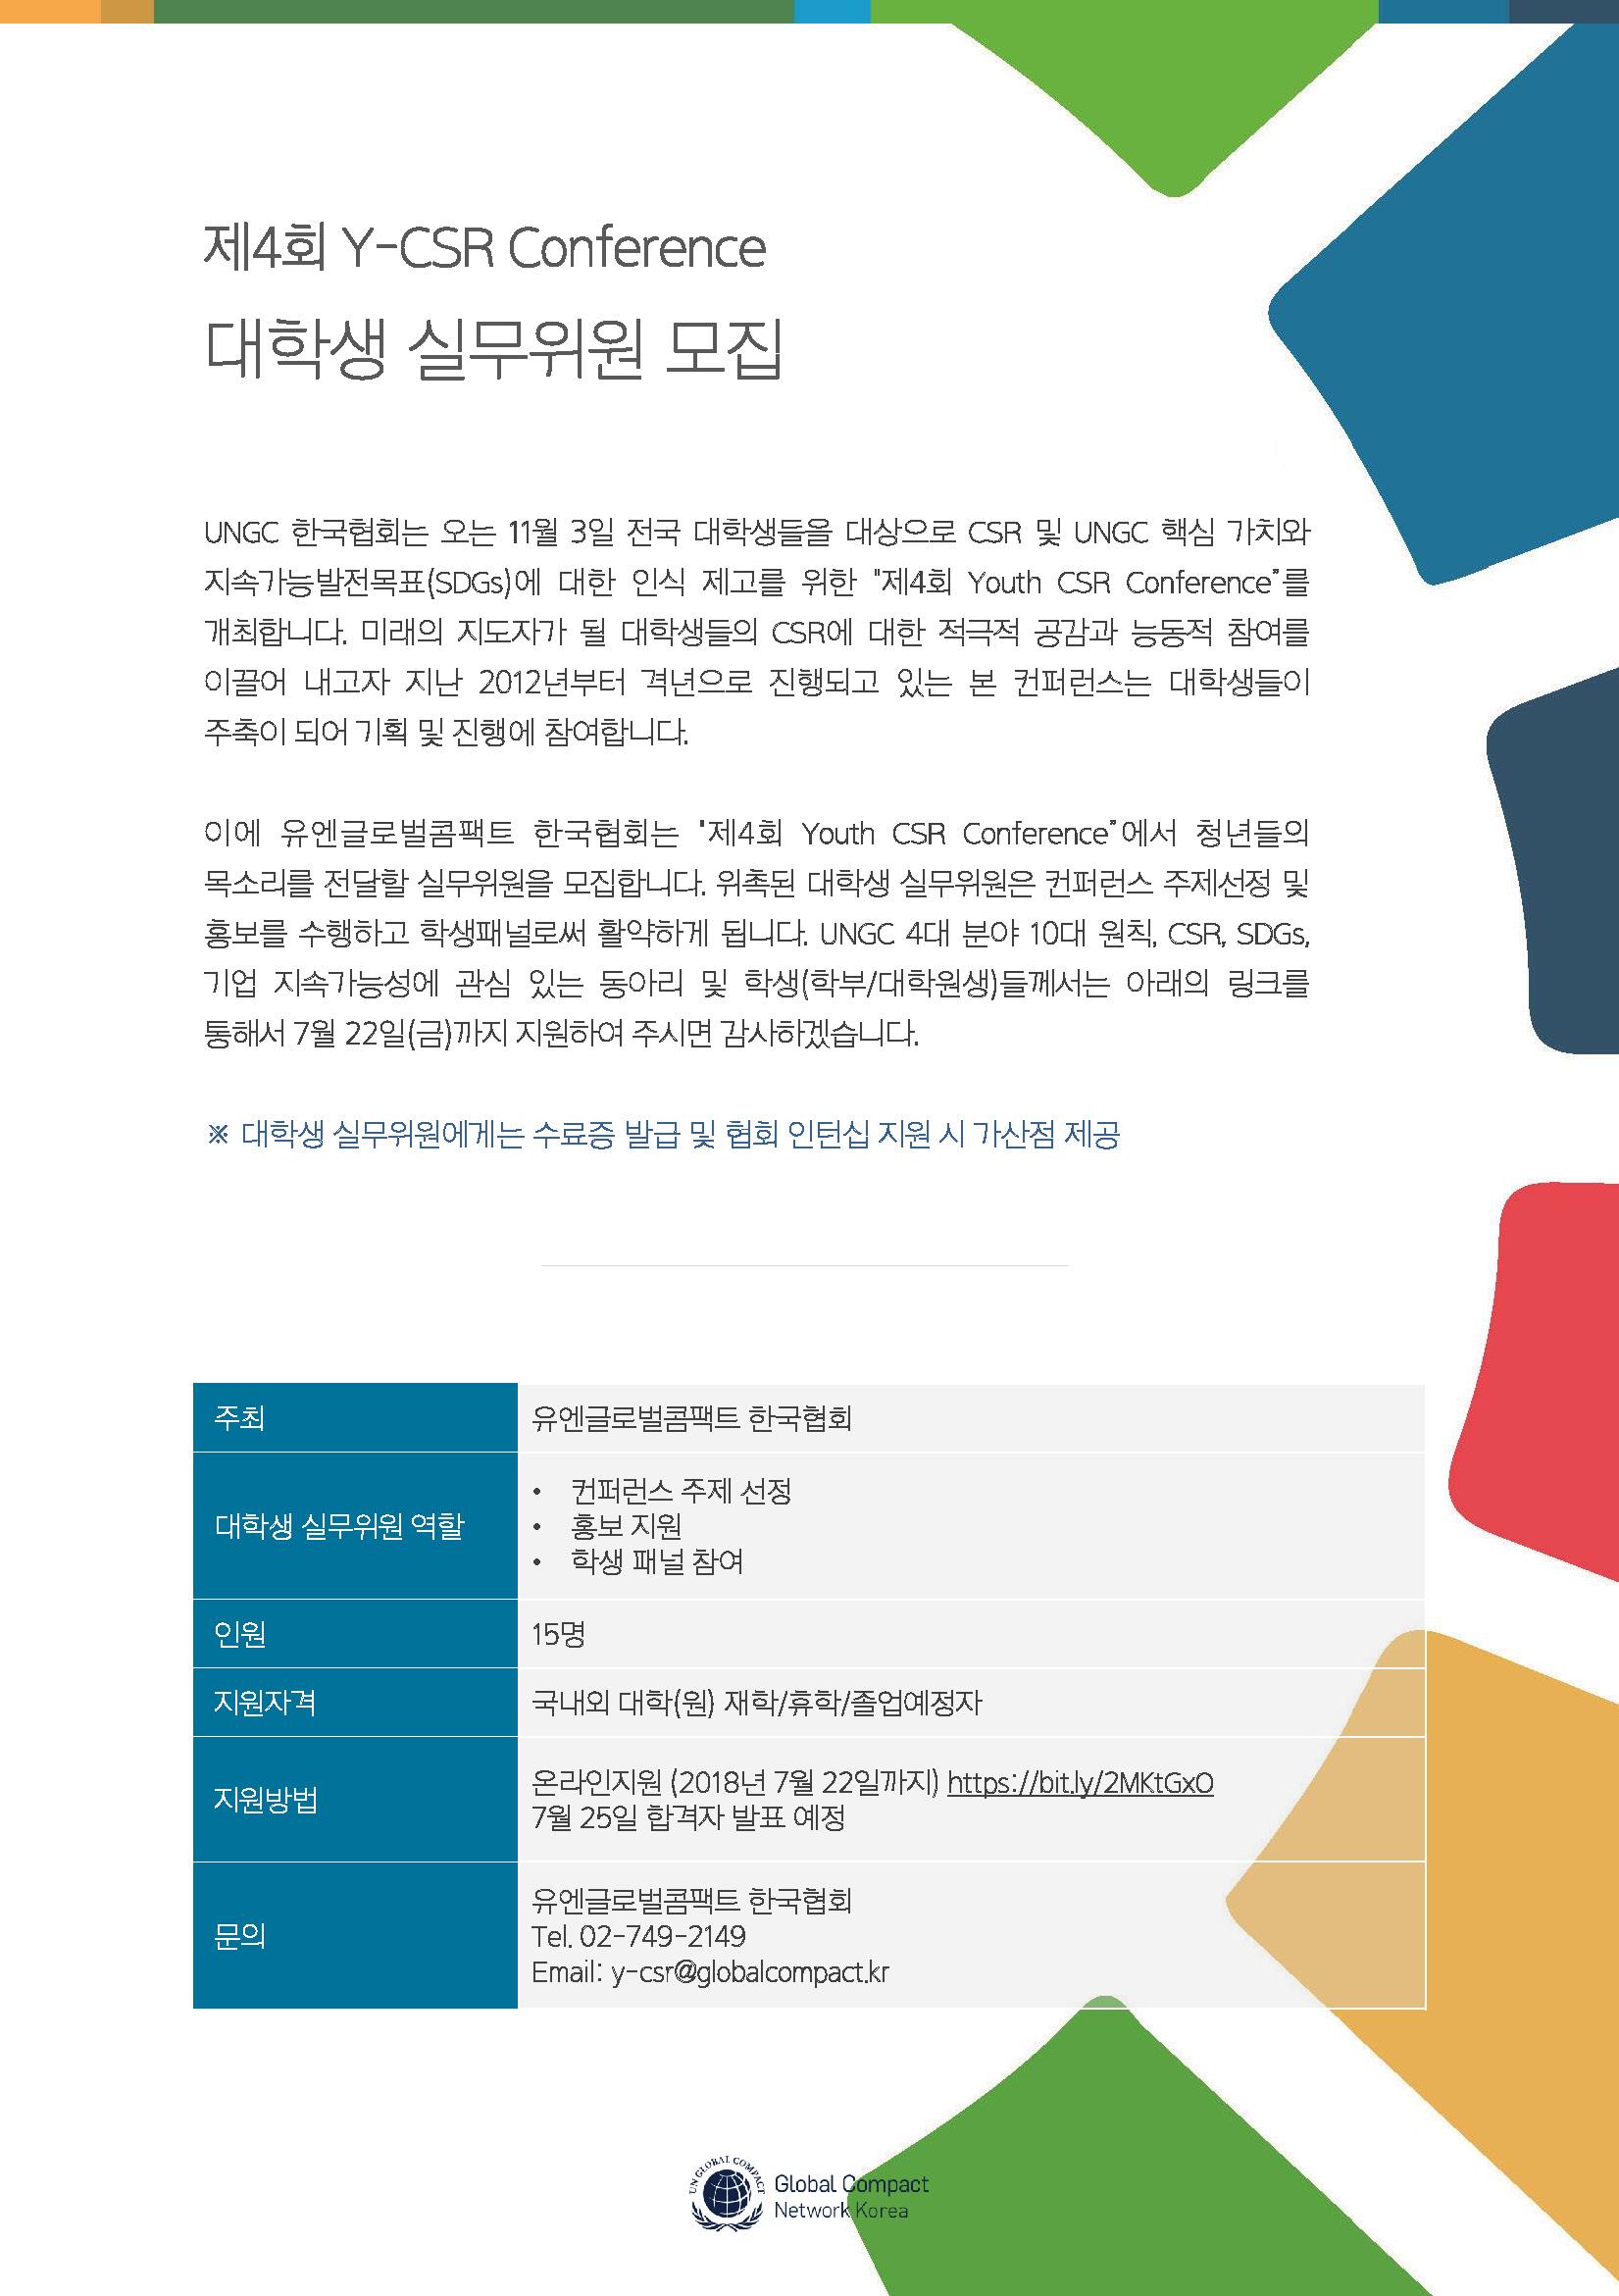 제4회 Y-CSR Conference 대학생 실무위원 모집